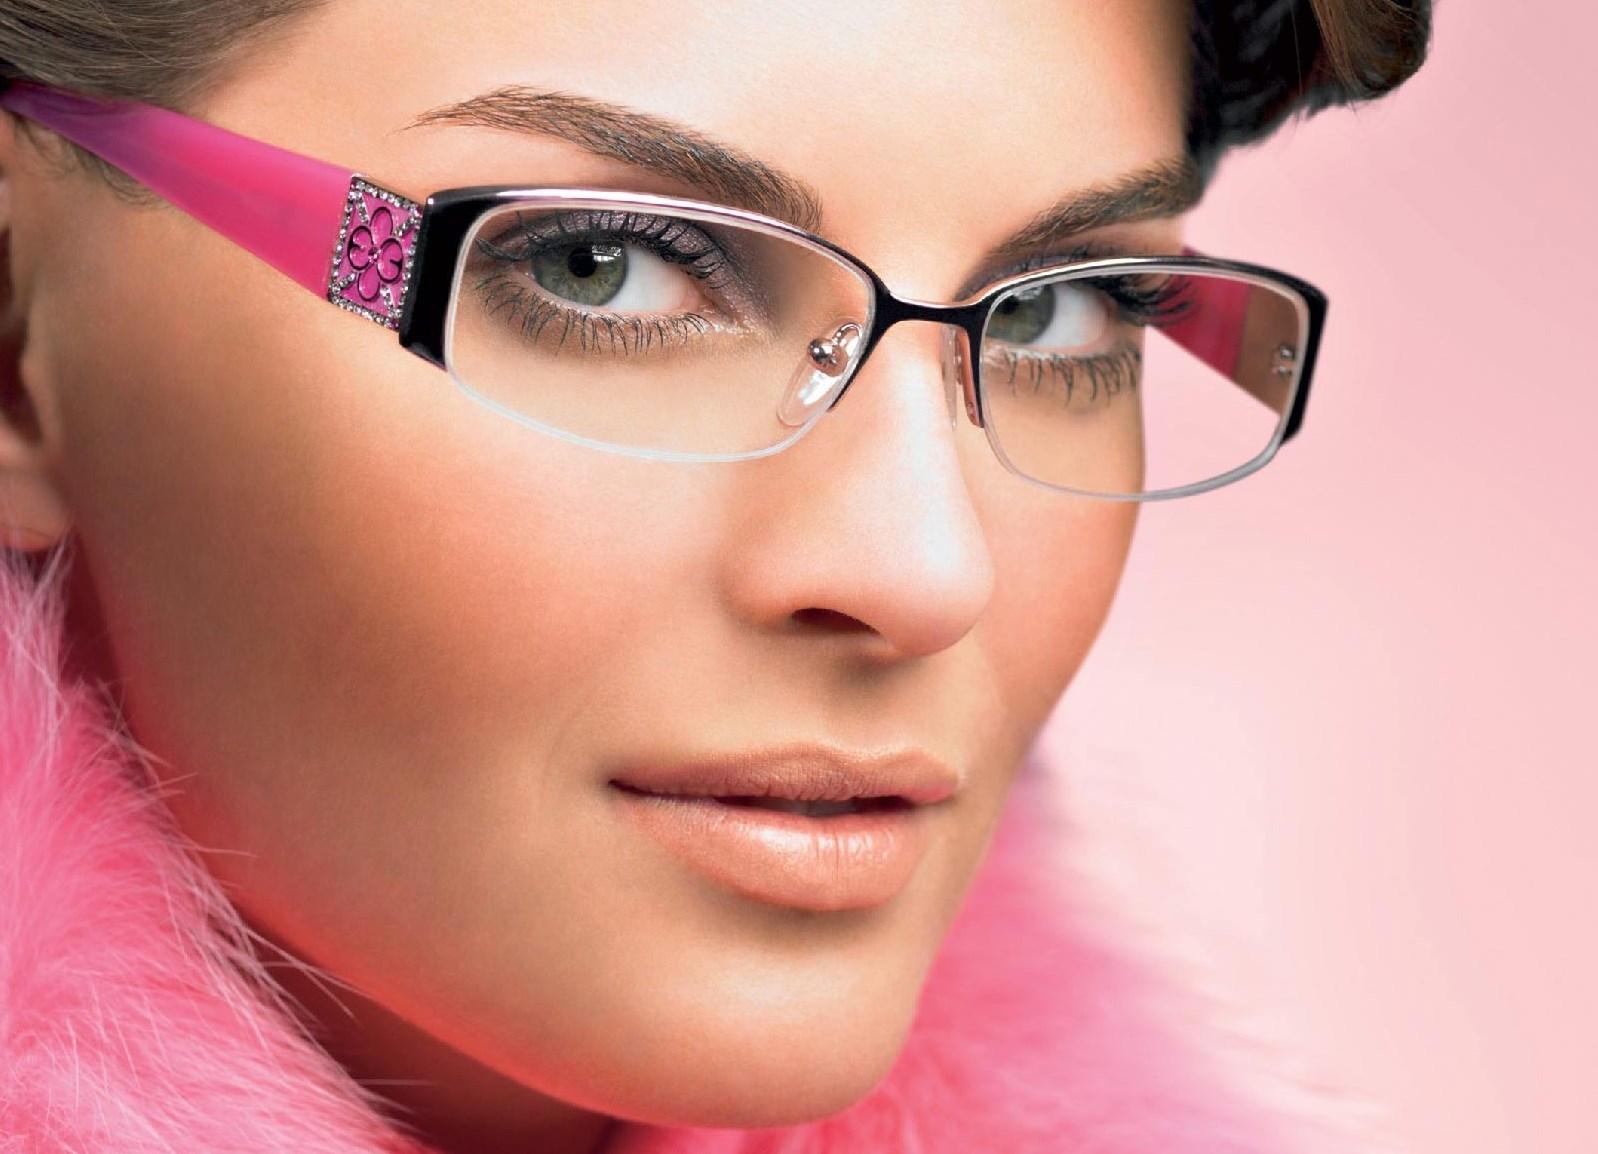 Как делают лазерную коррекцию зрения в уфе